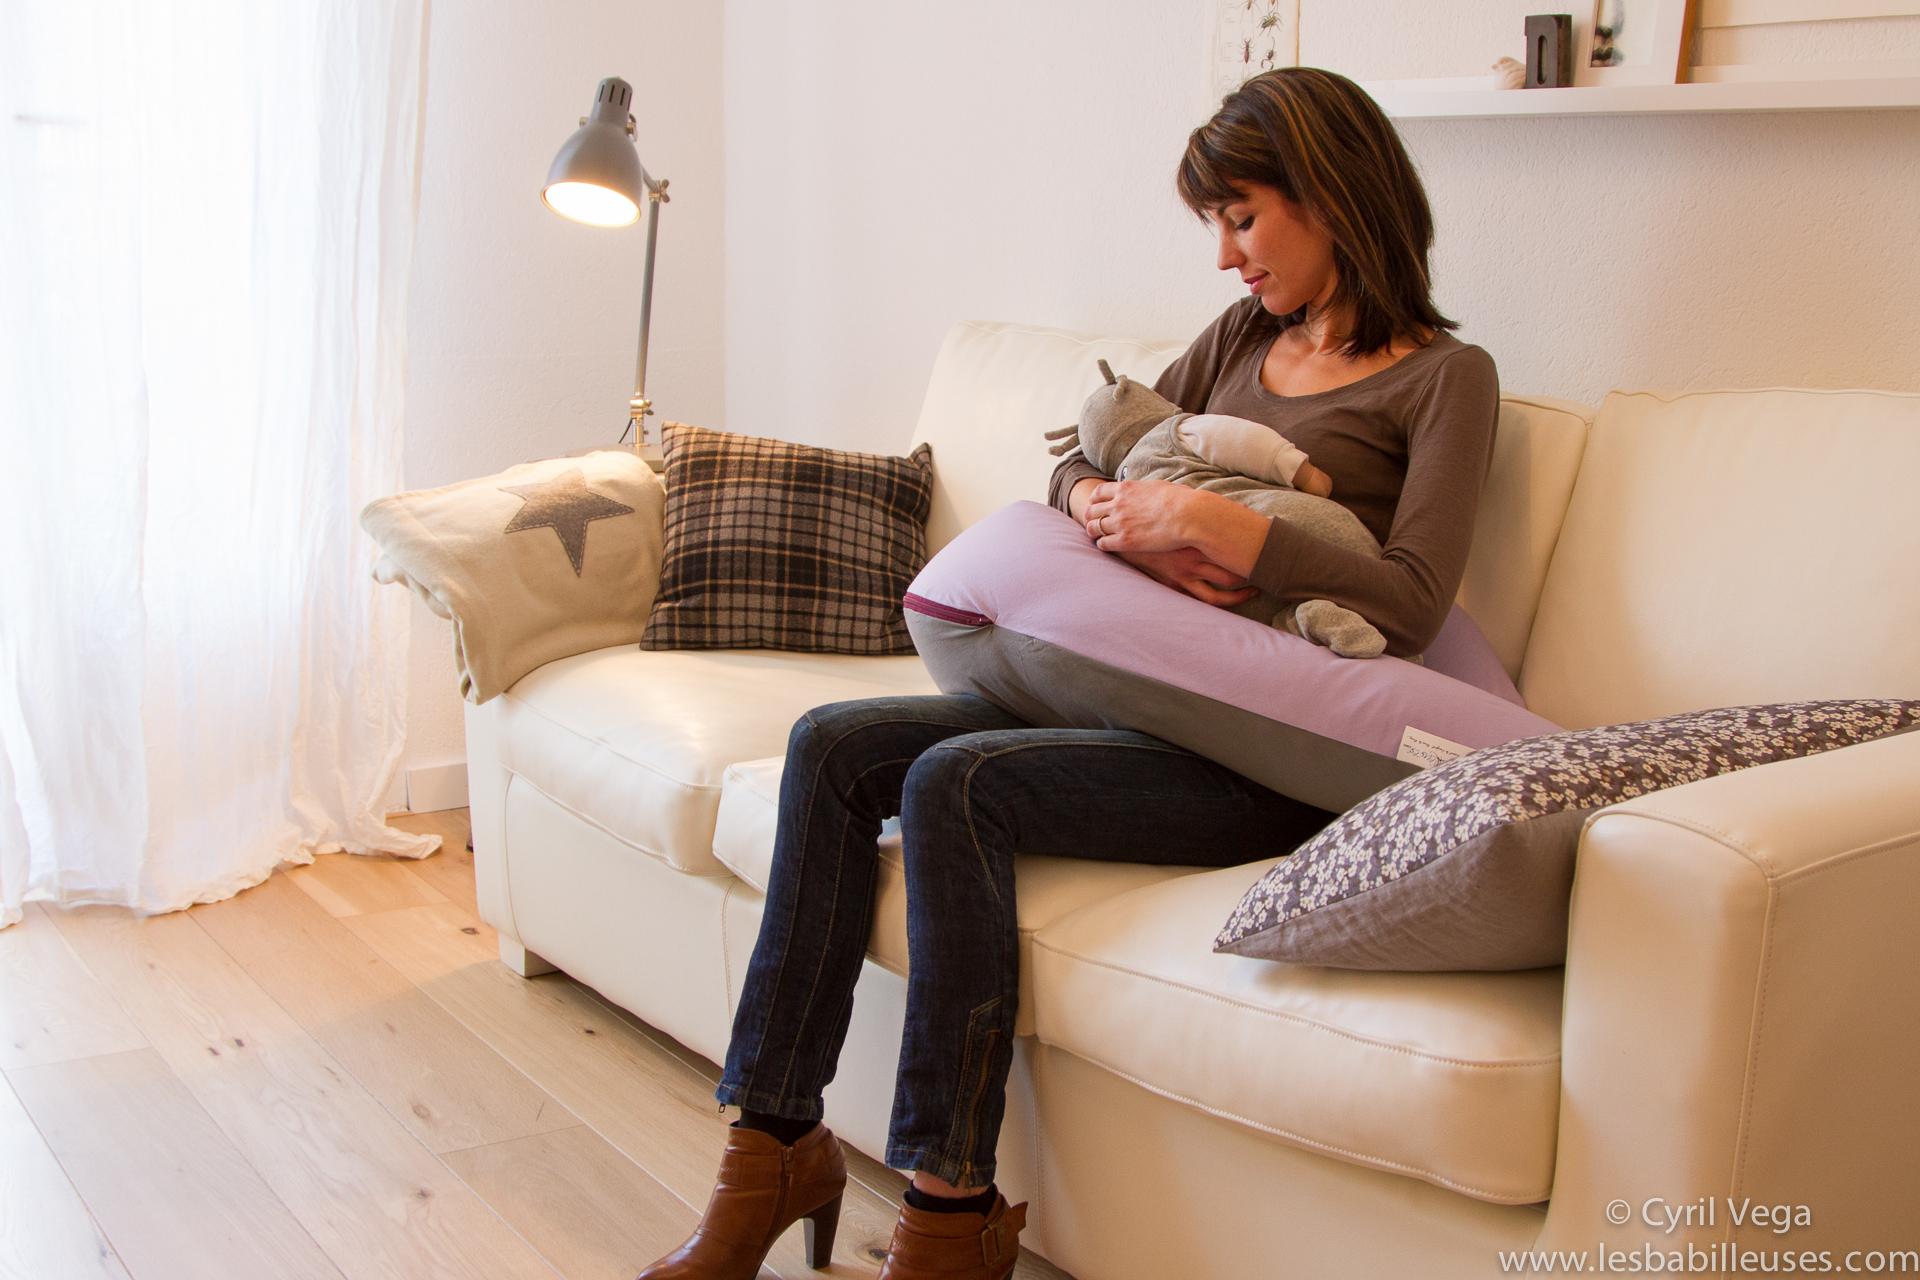 10 choses v rifier avant d acheter votre coussin d allaitement les babilleuses. Black Bedroom Furniture Sets. Home Design Ideas